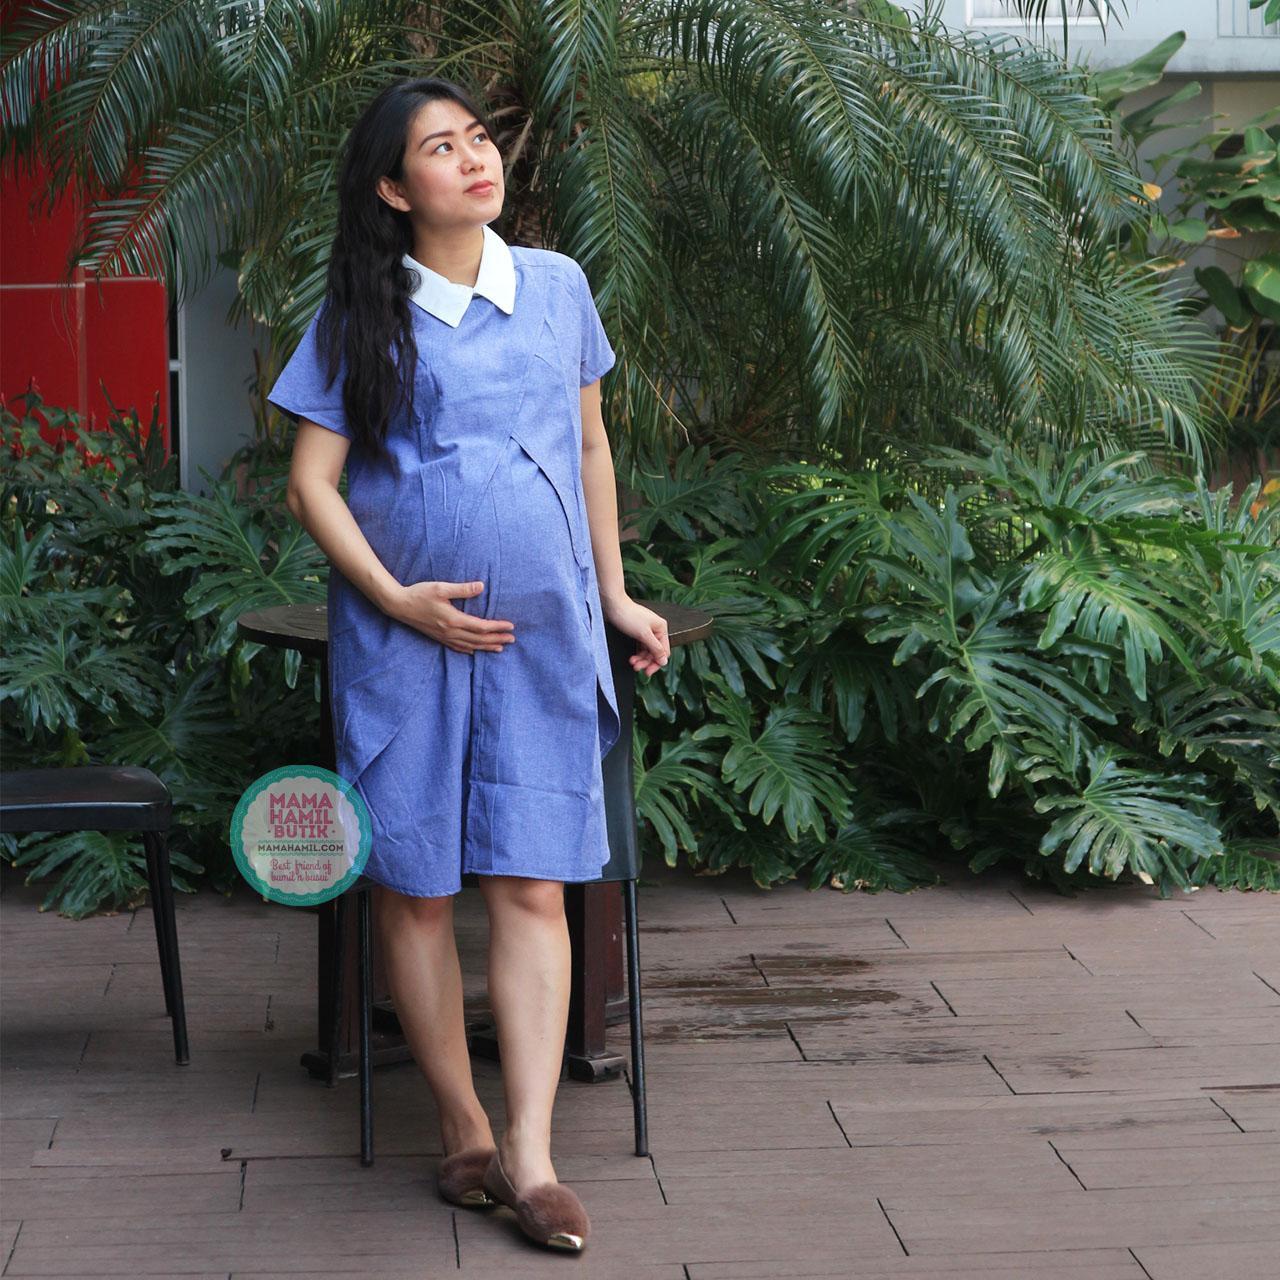 Mama Hamil Baju Hamil Dress Hamil Menyusui Sofie Dress Krah Putih Kerja Modis - DRO 848